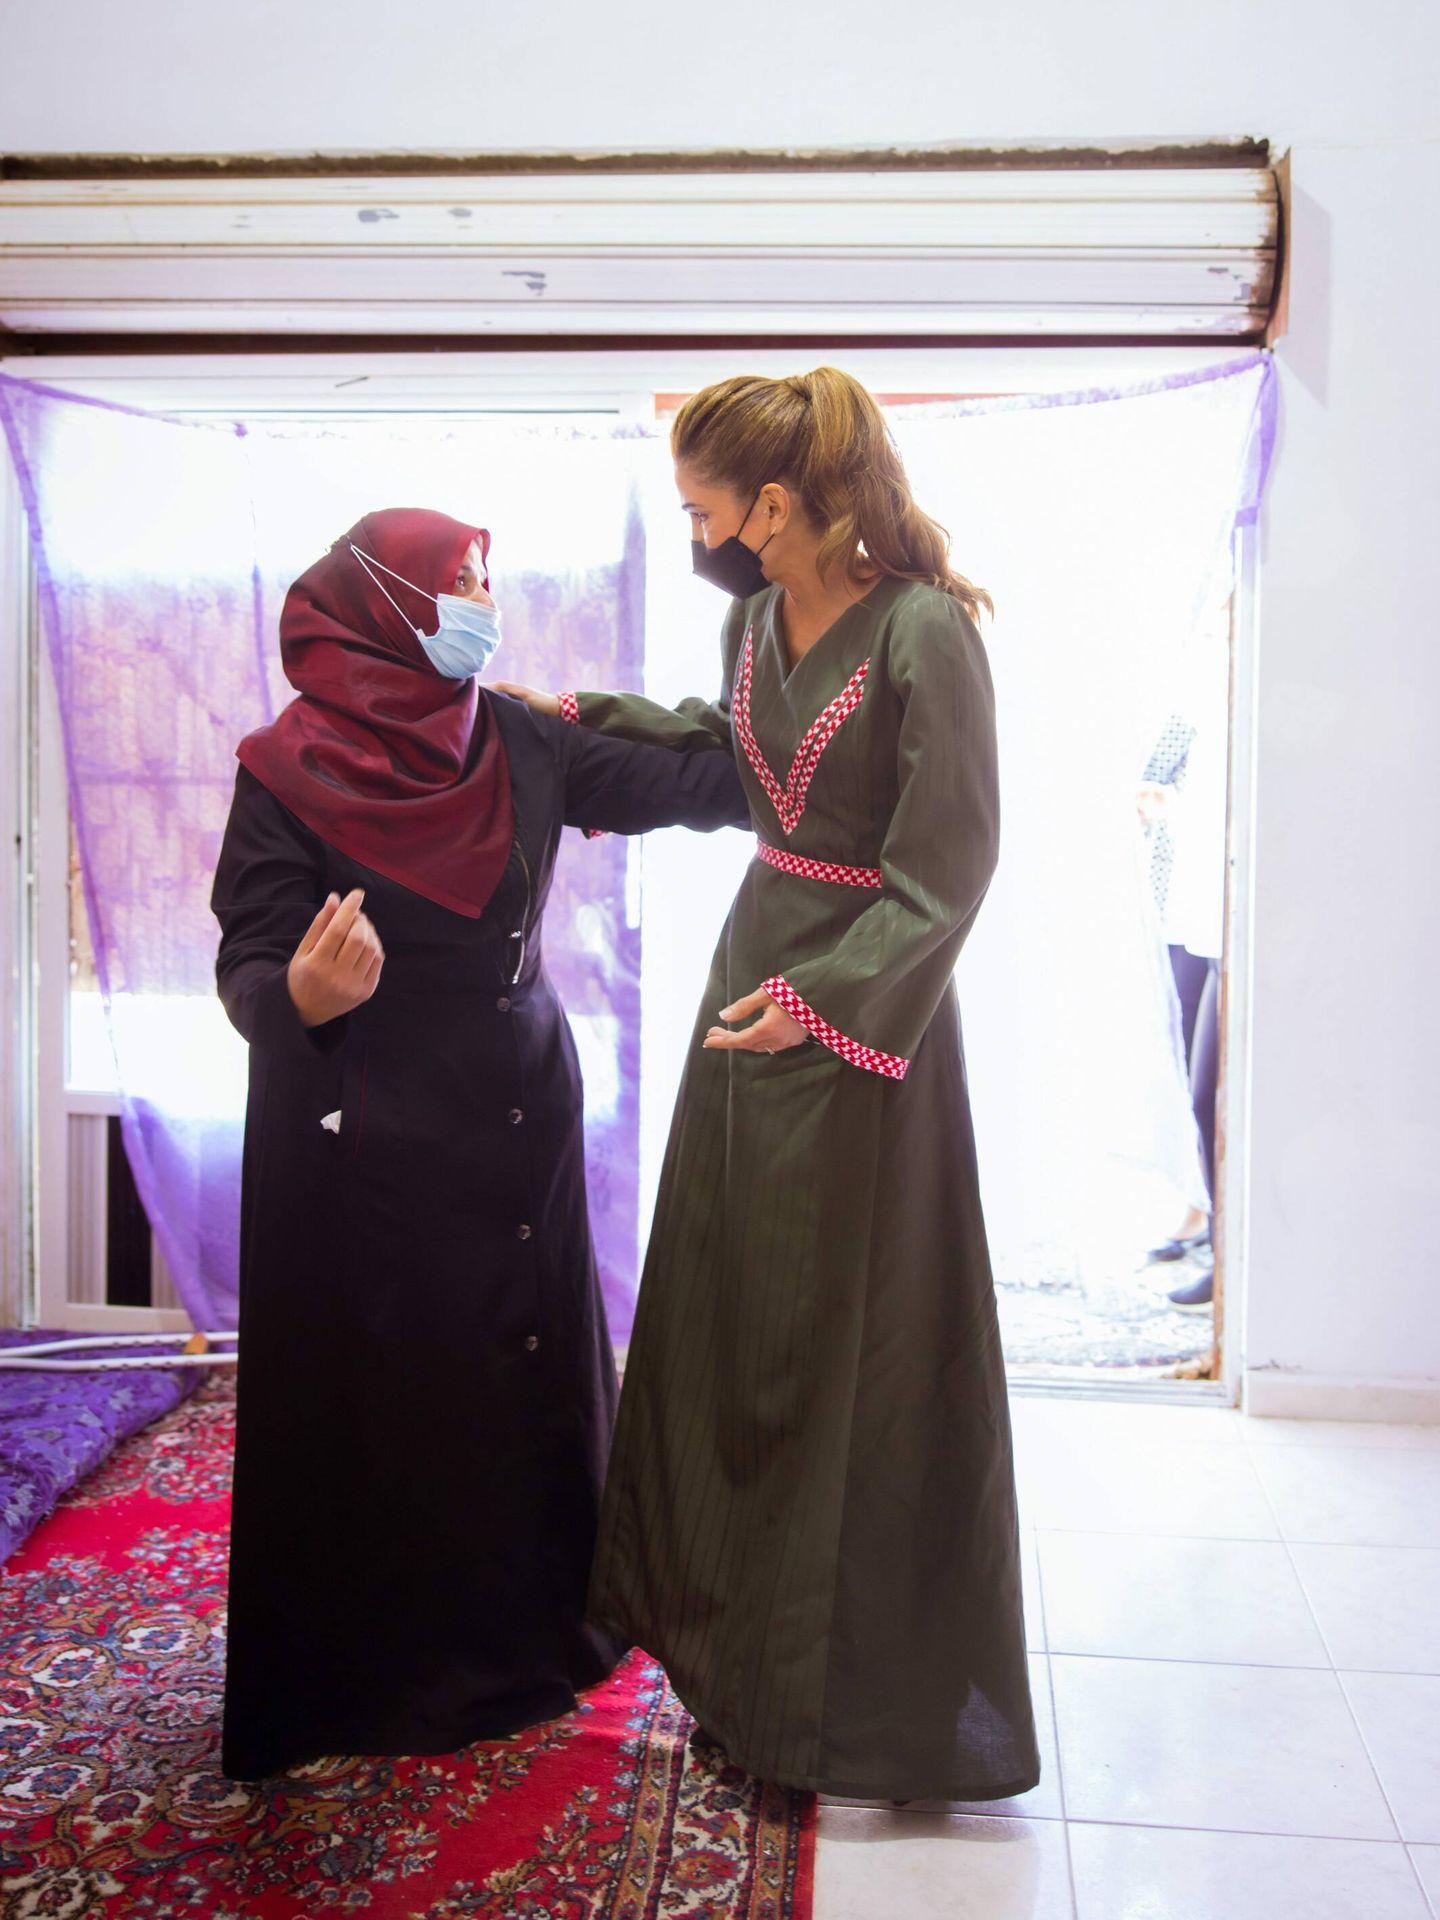 Rania de Jordania, en Shobak este miércoles. (Cordon Press)